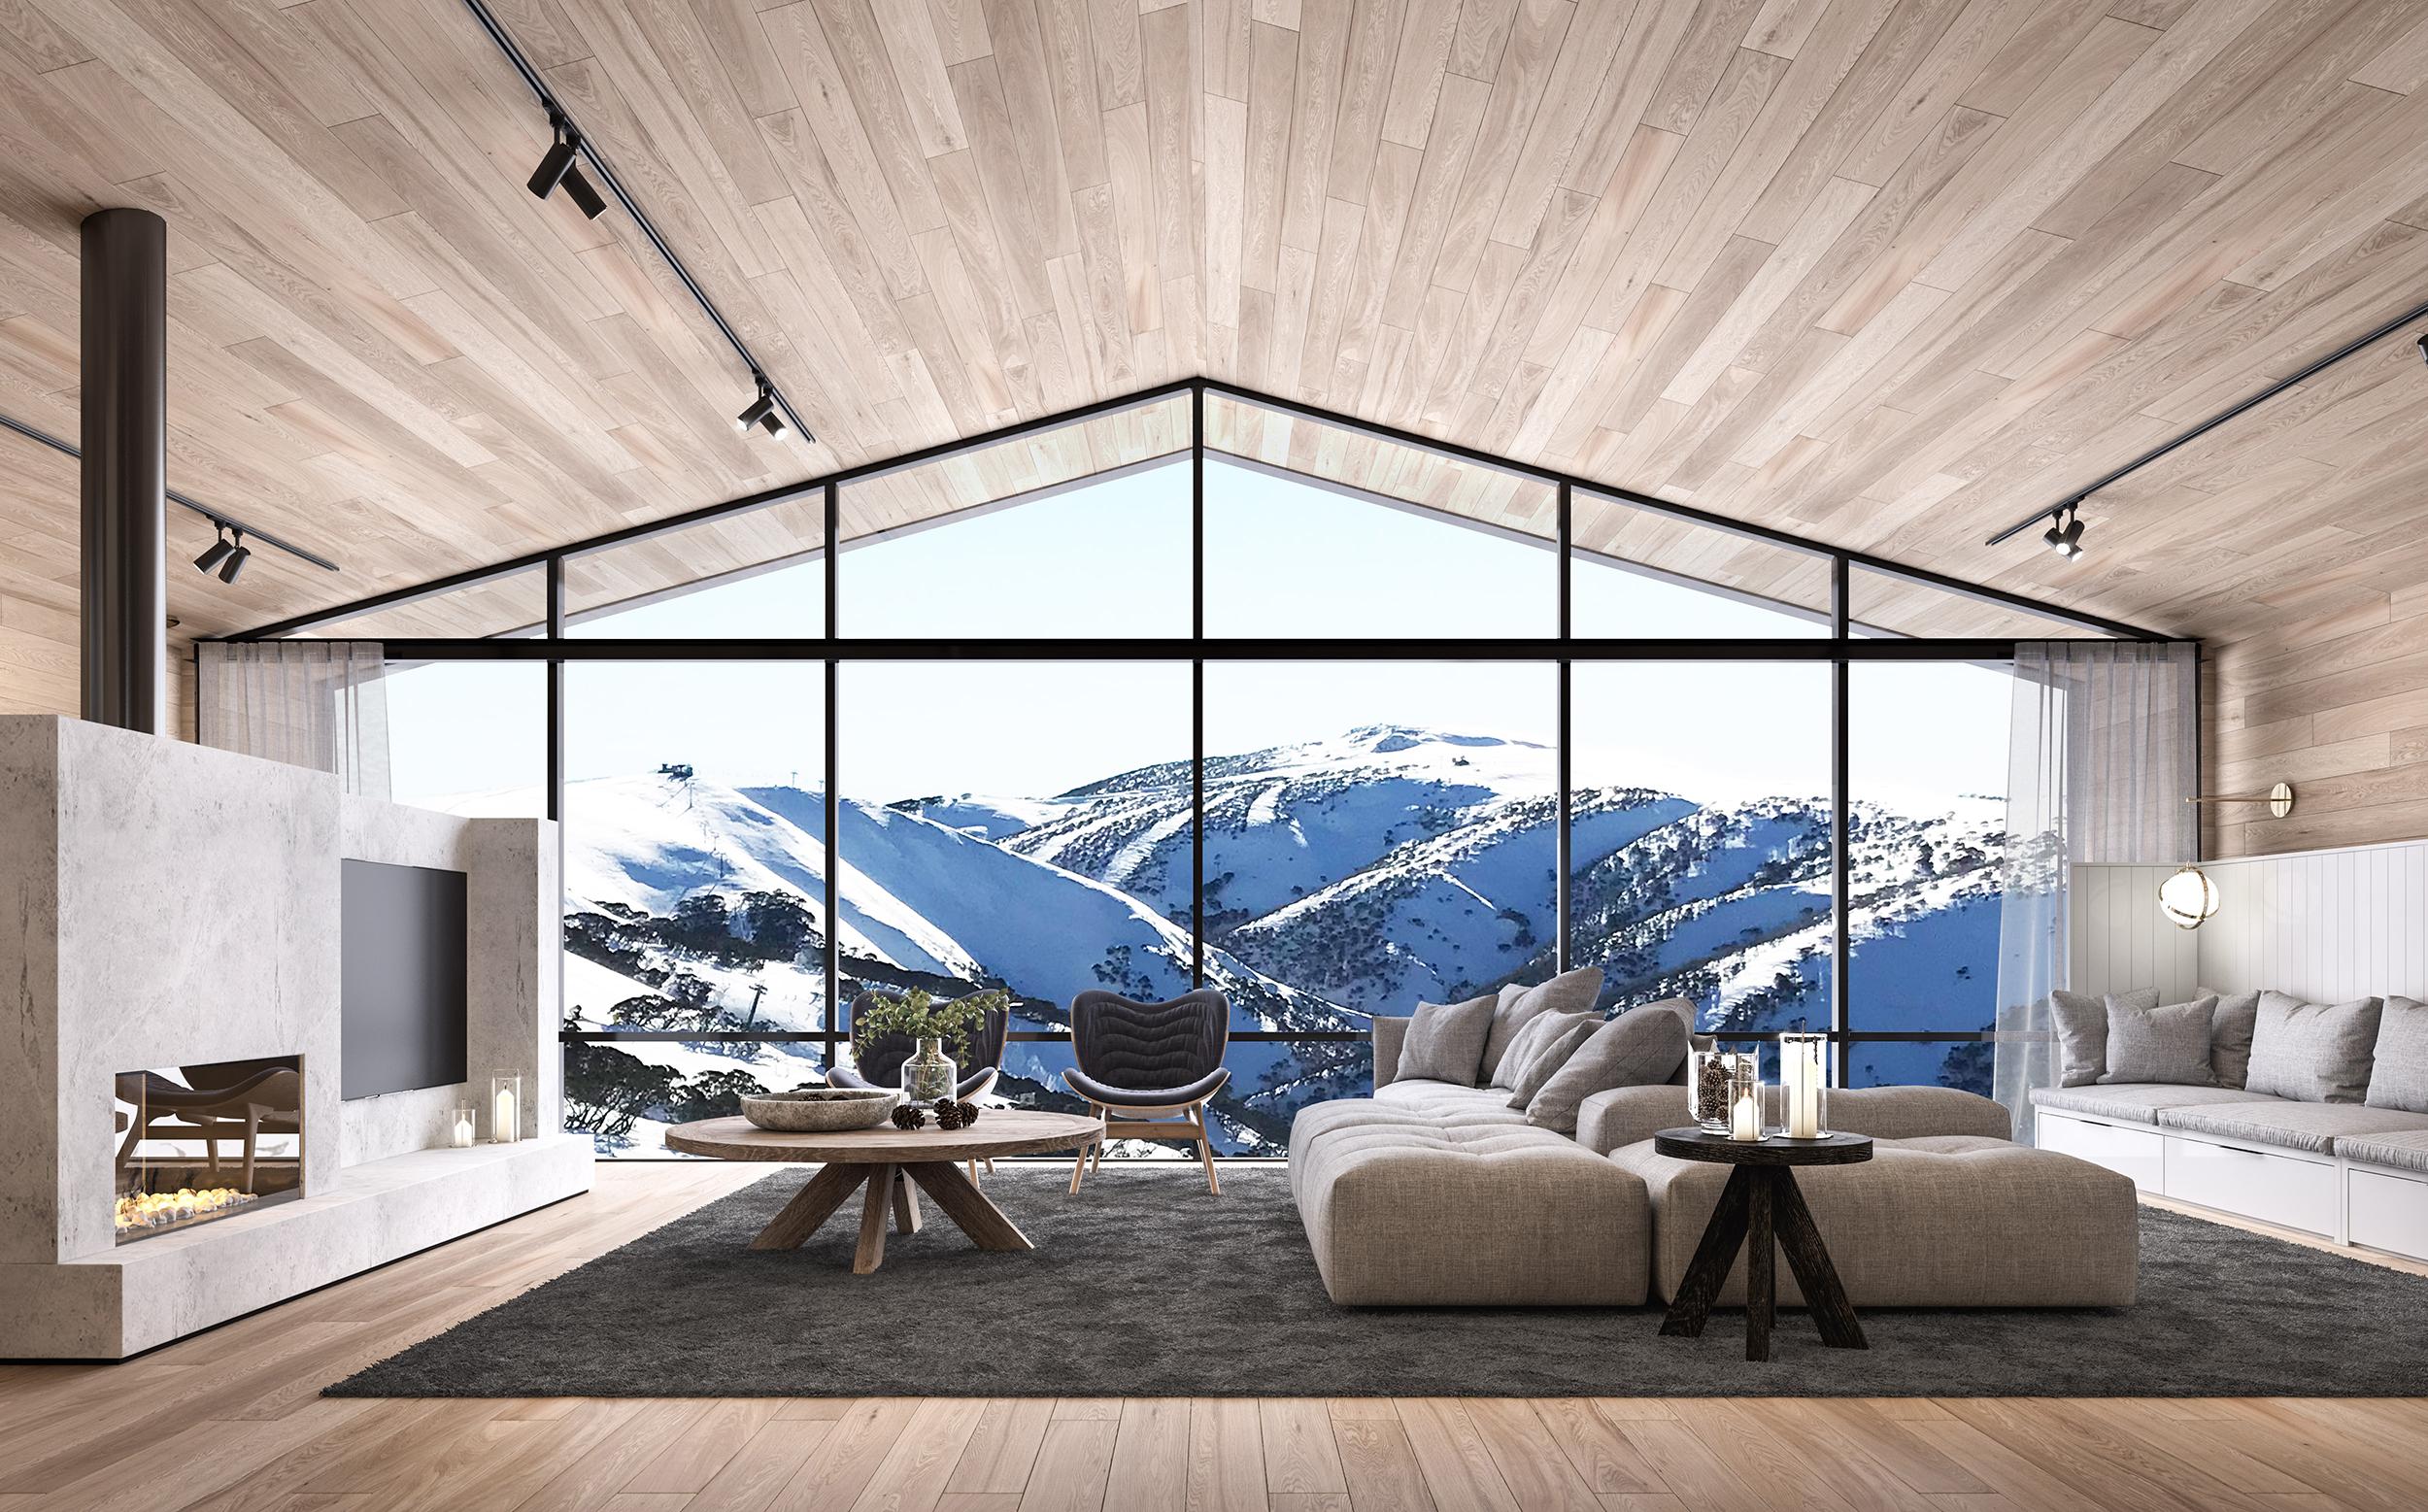 HOTHAM HOUSE : MOUNT HOTHAM